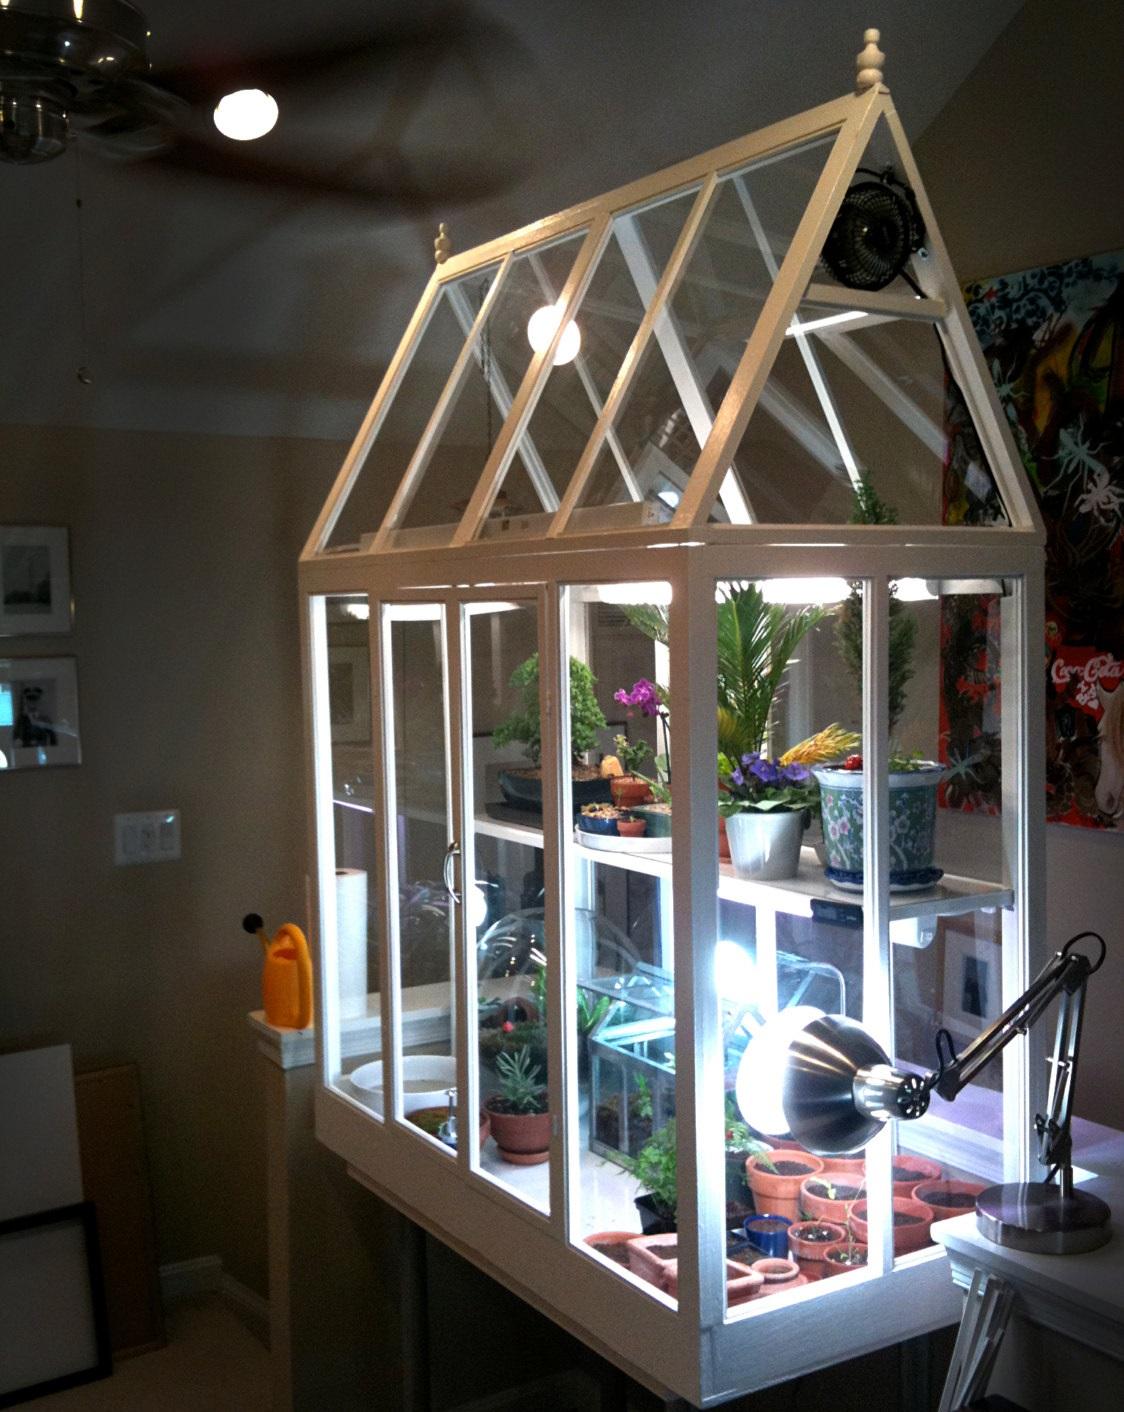 Мини-теплица из дерева и стекла с подсветкой и вентиляцией